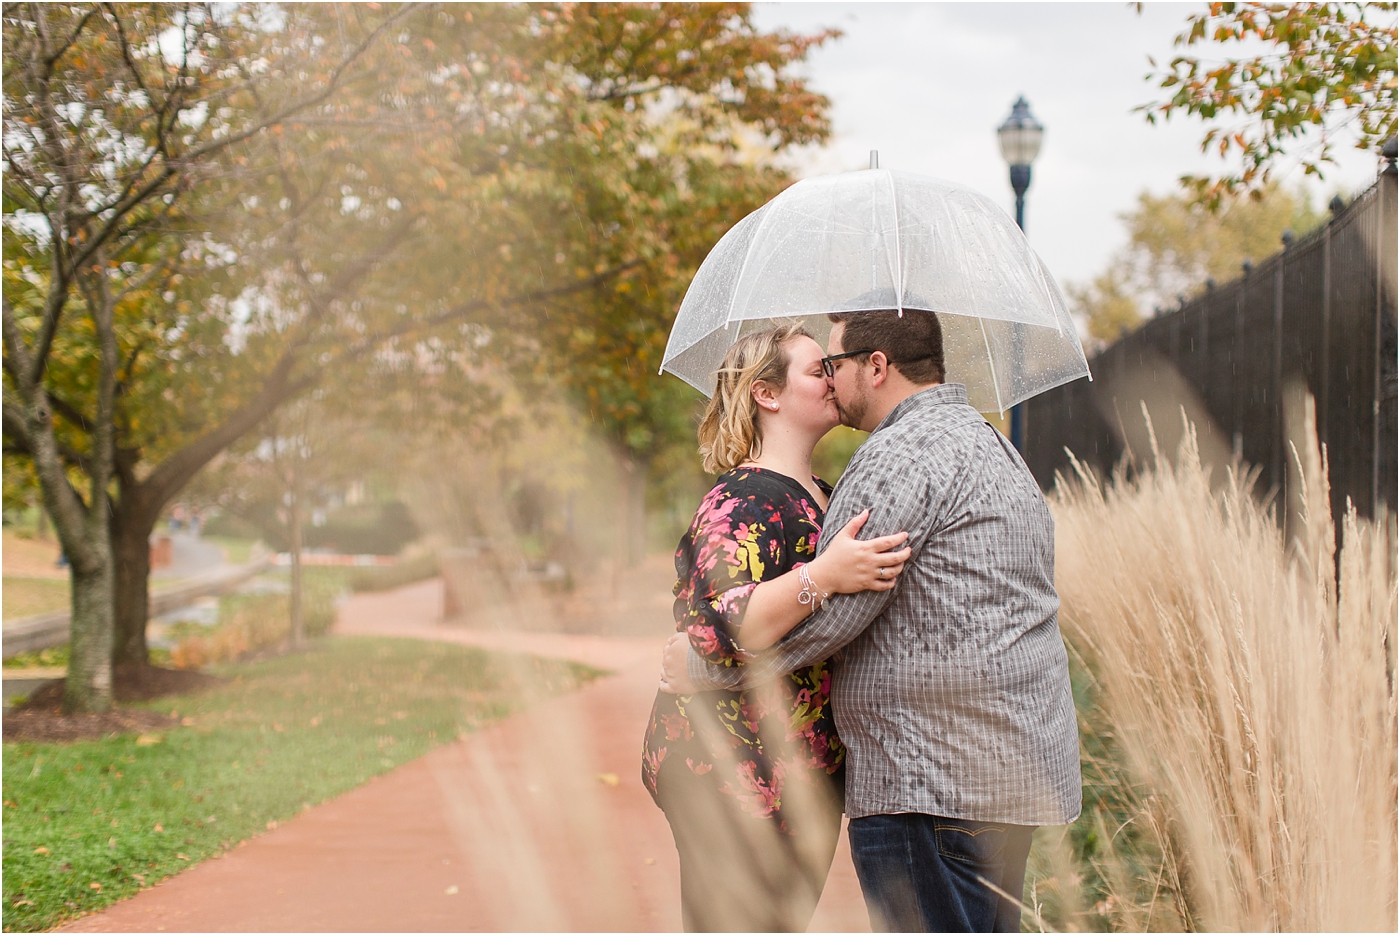 Frederick-Engagement-Photos-2016_0042.jpg